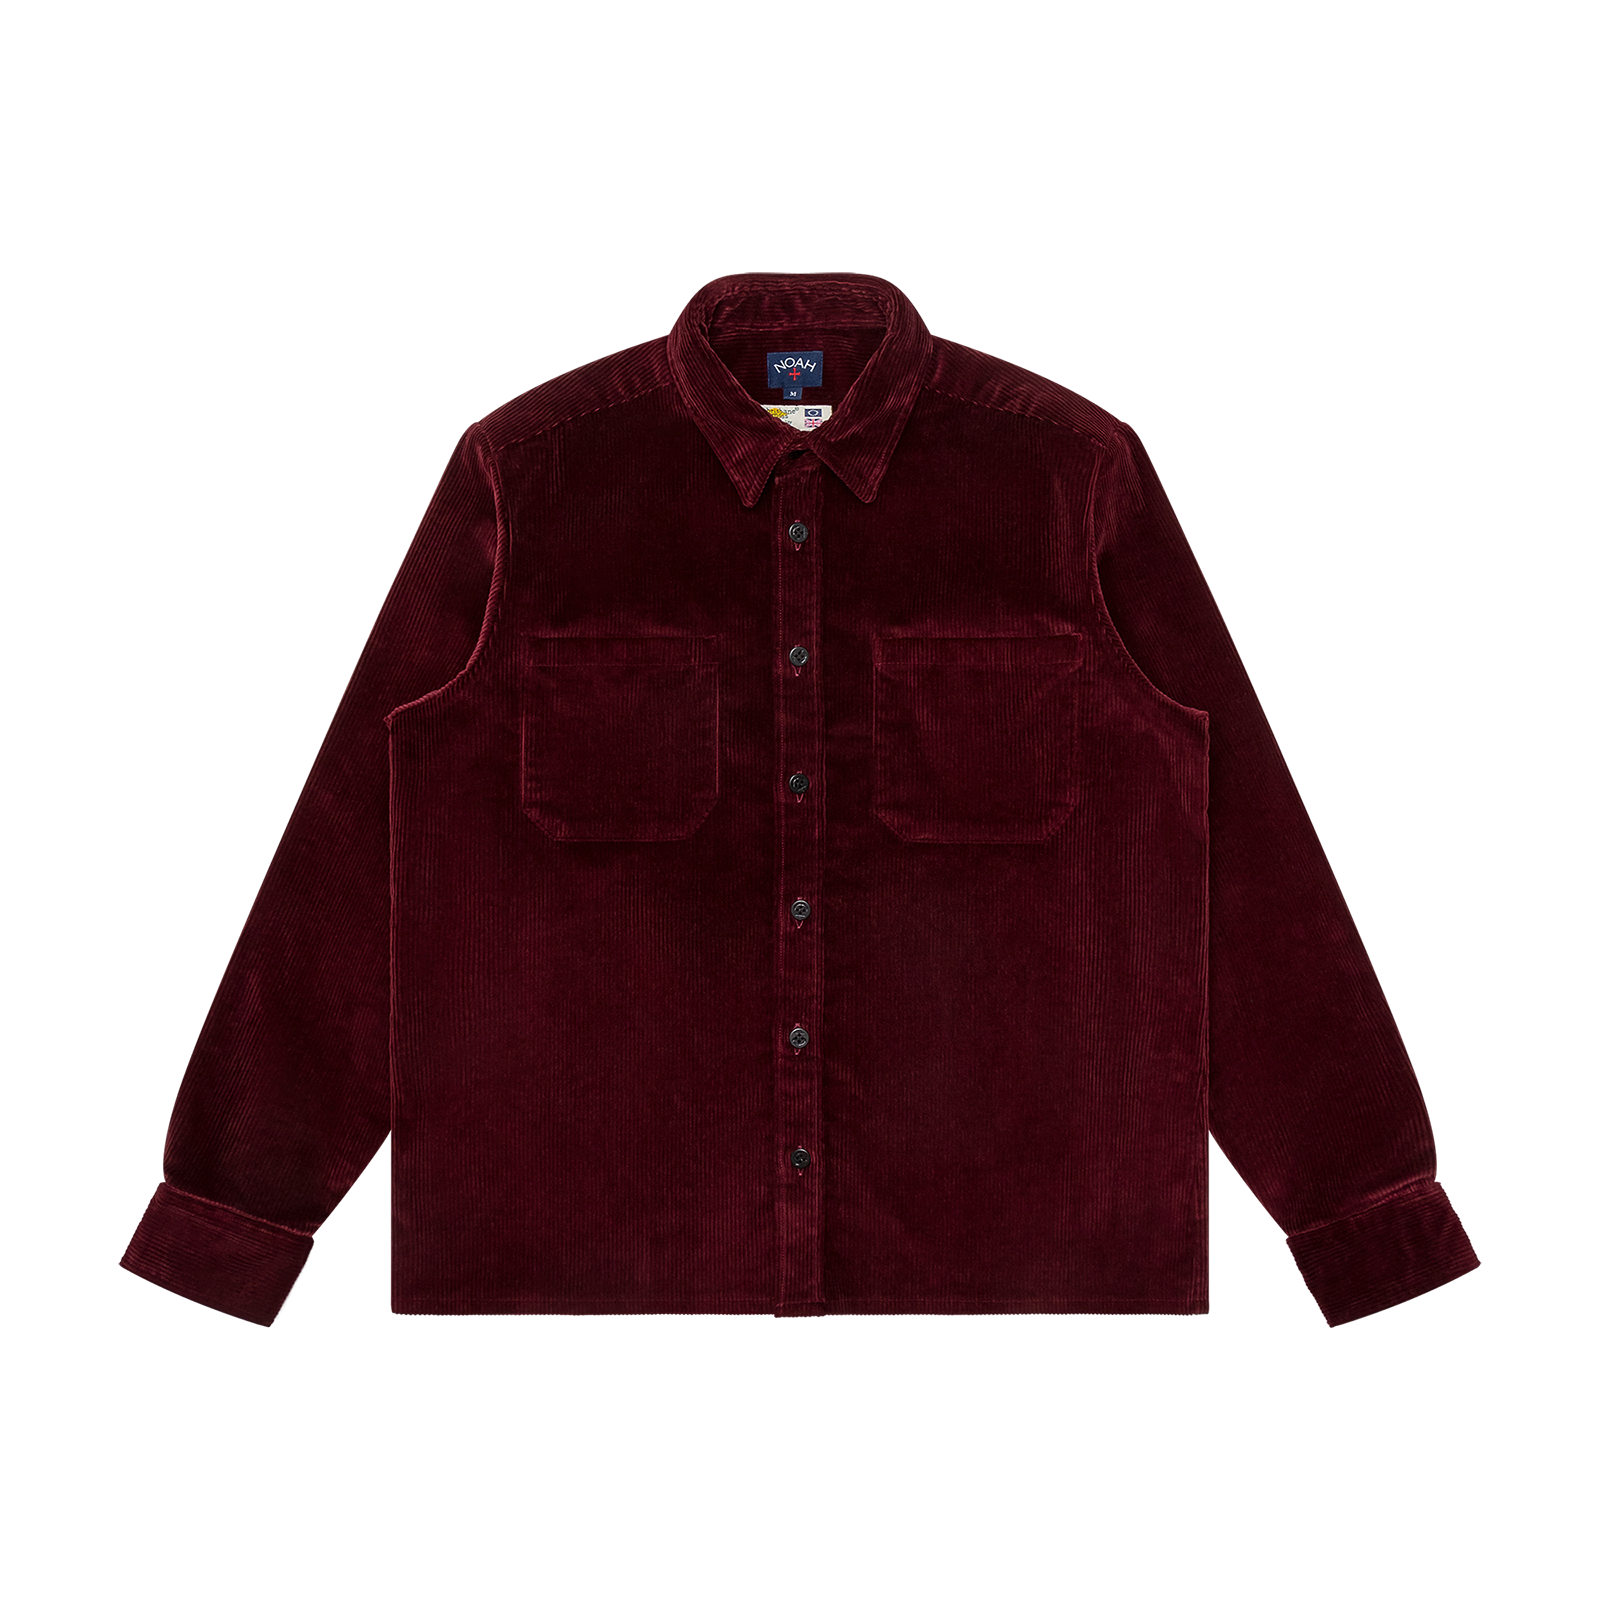 Velour jacket product photo